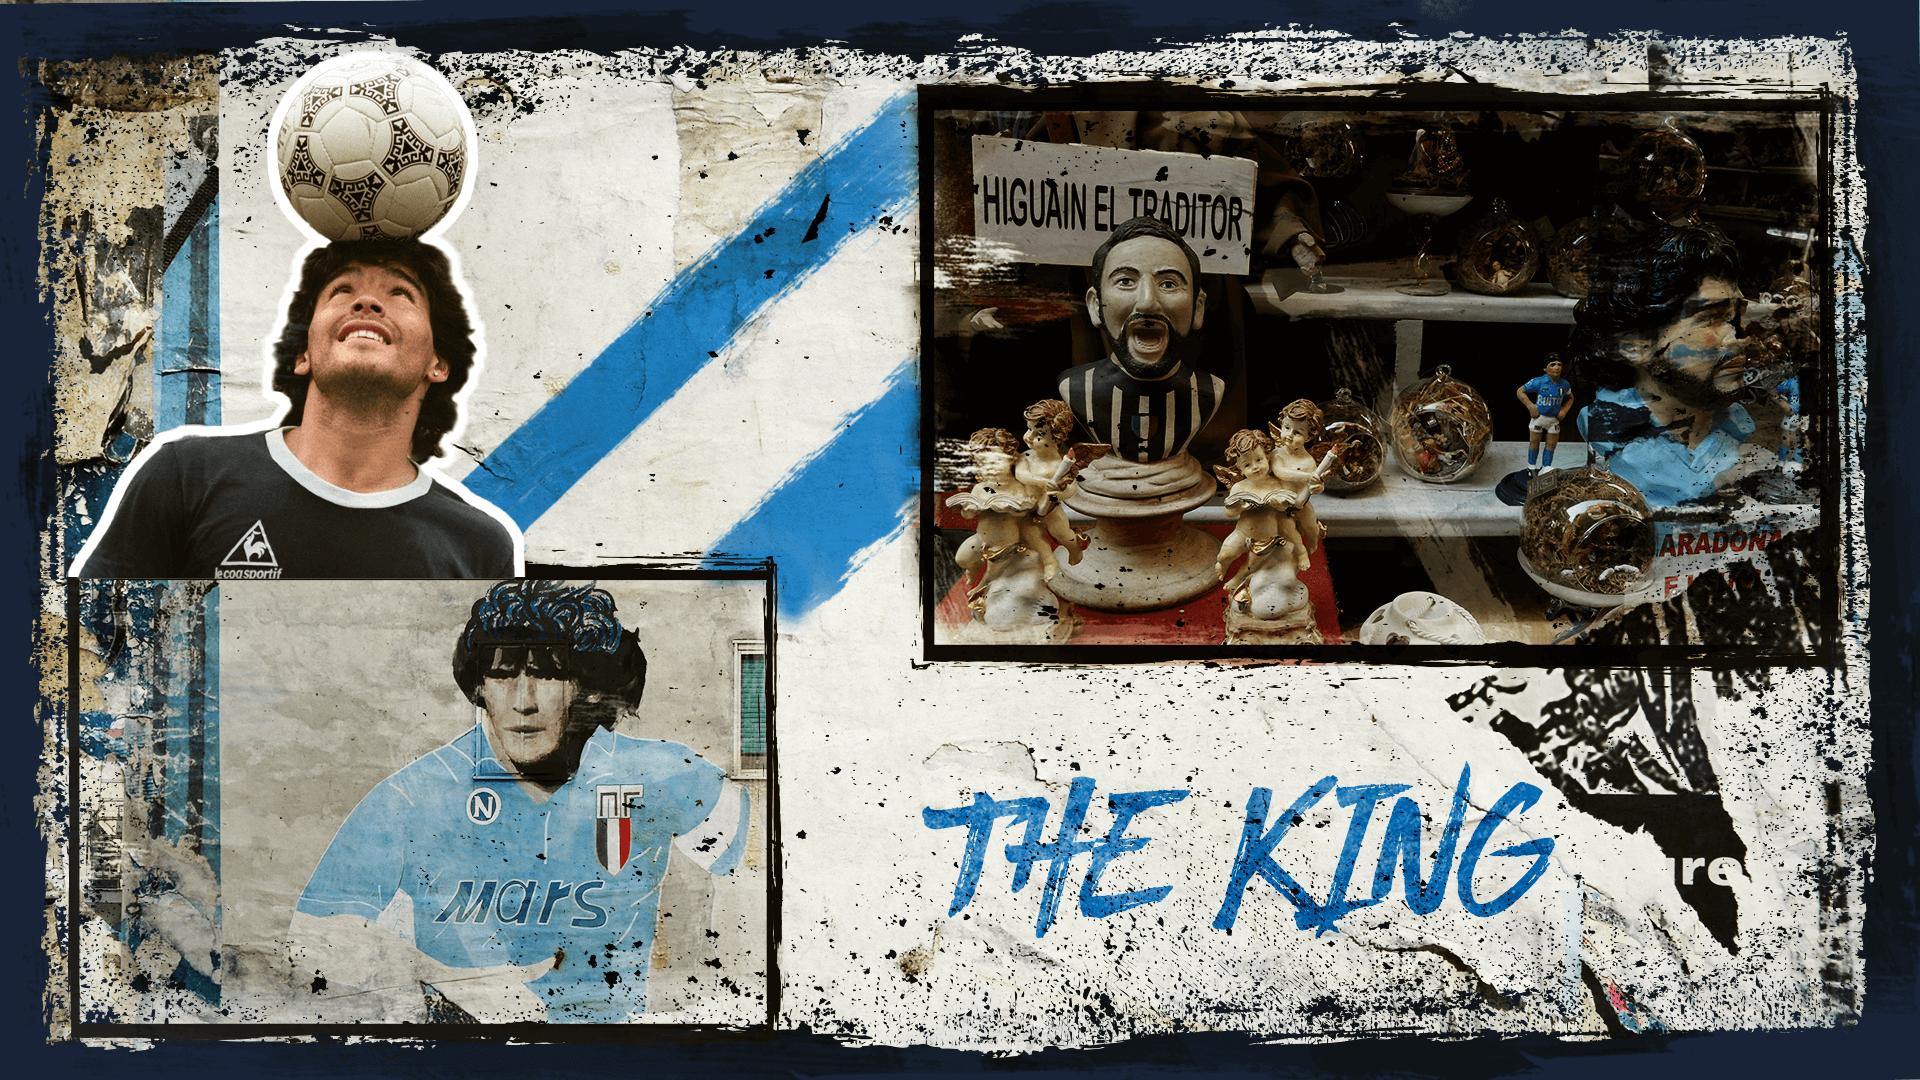 Diego Maradona, santo patrono di Napoli: il mito e il campione